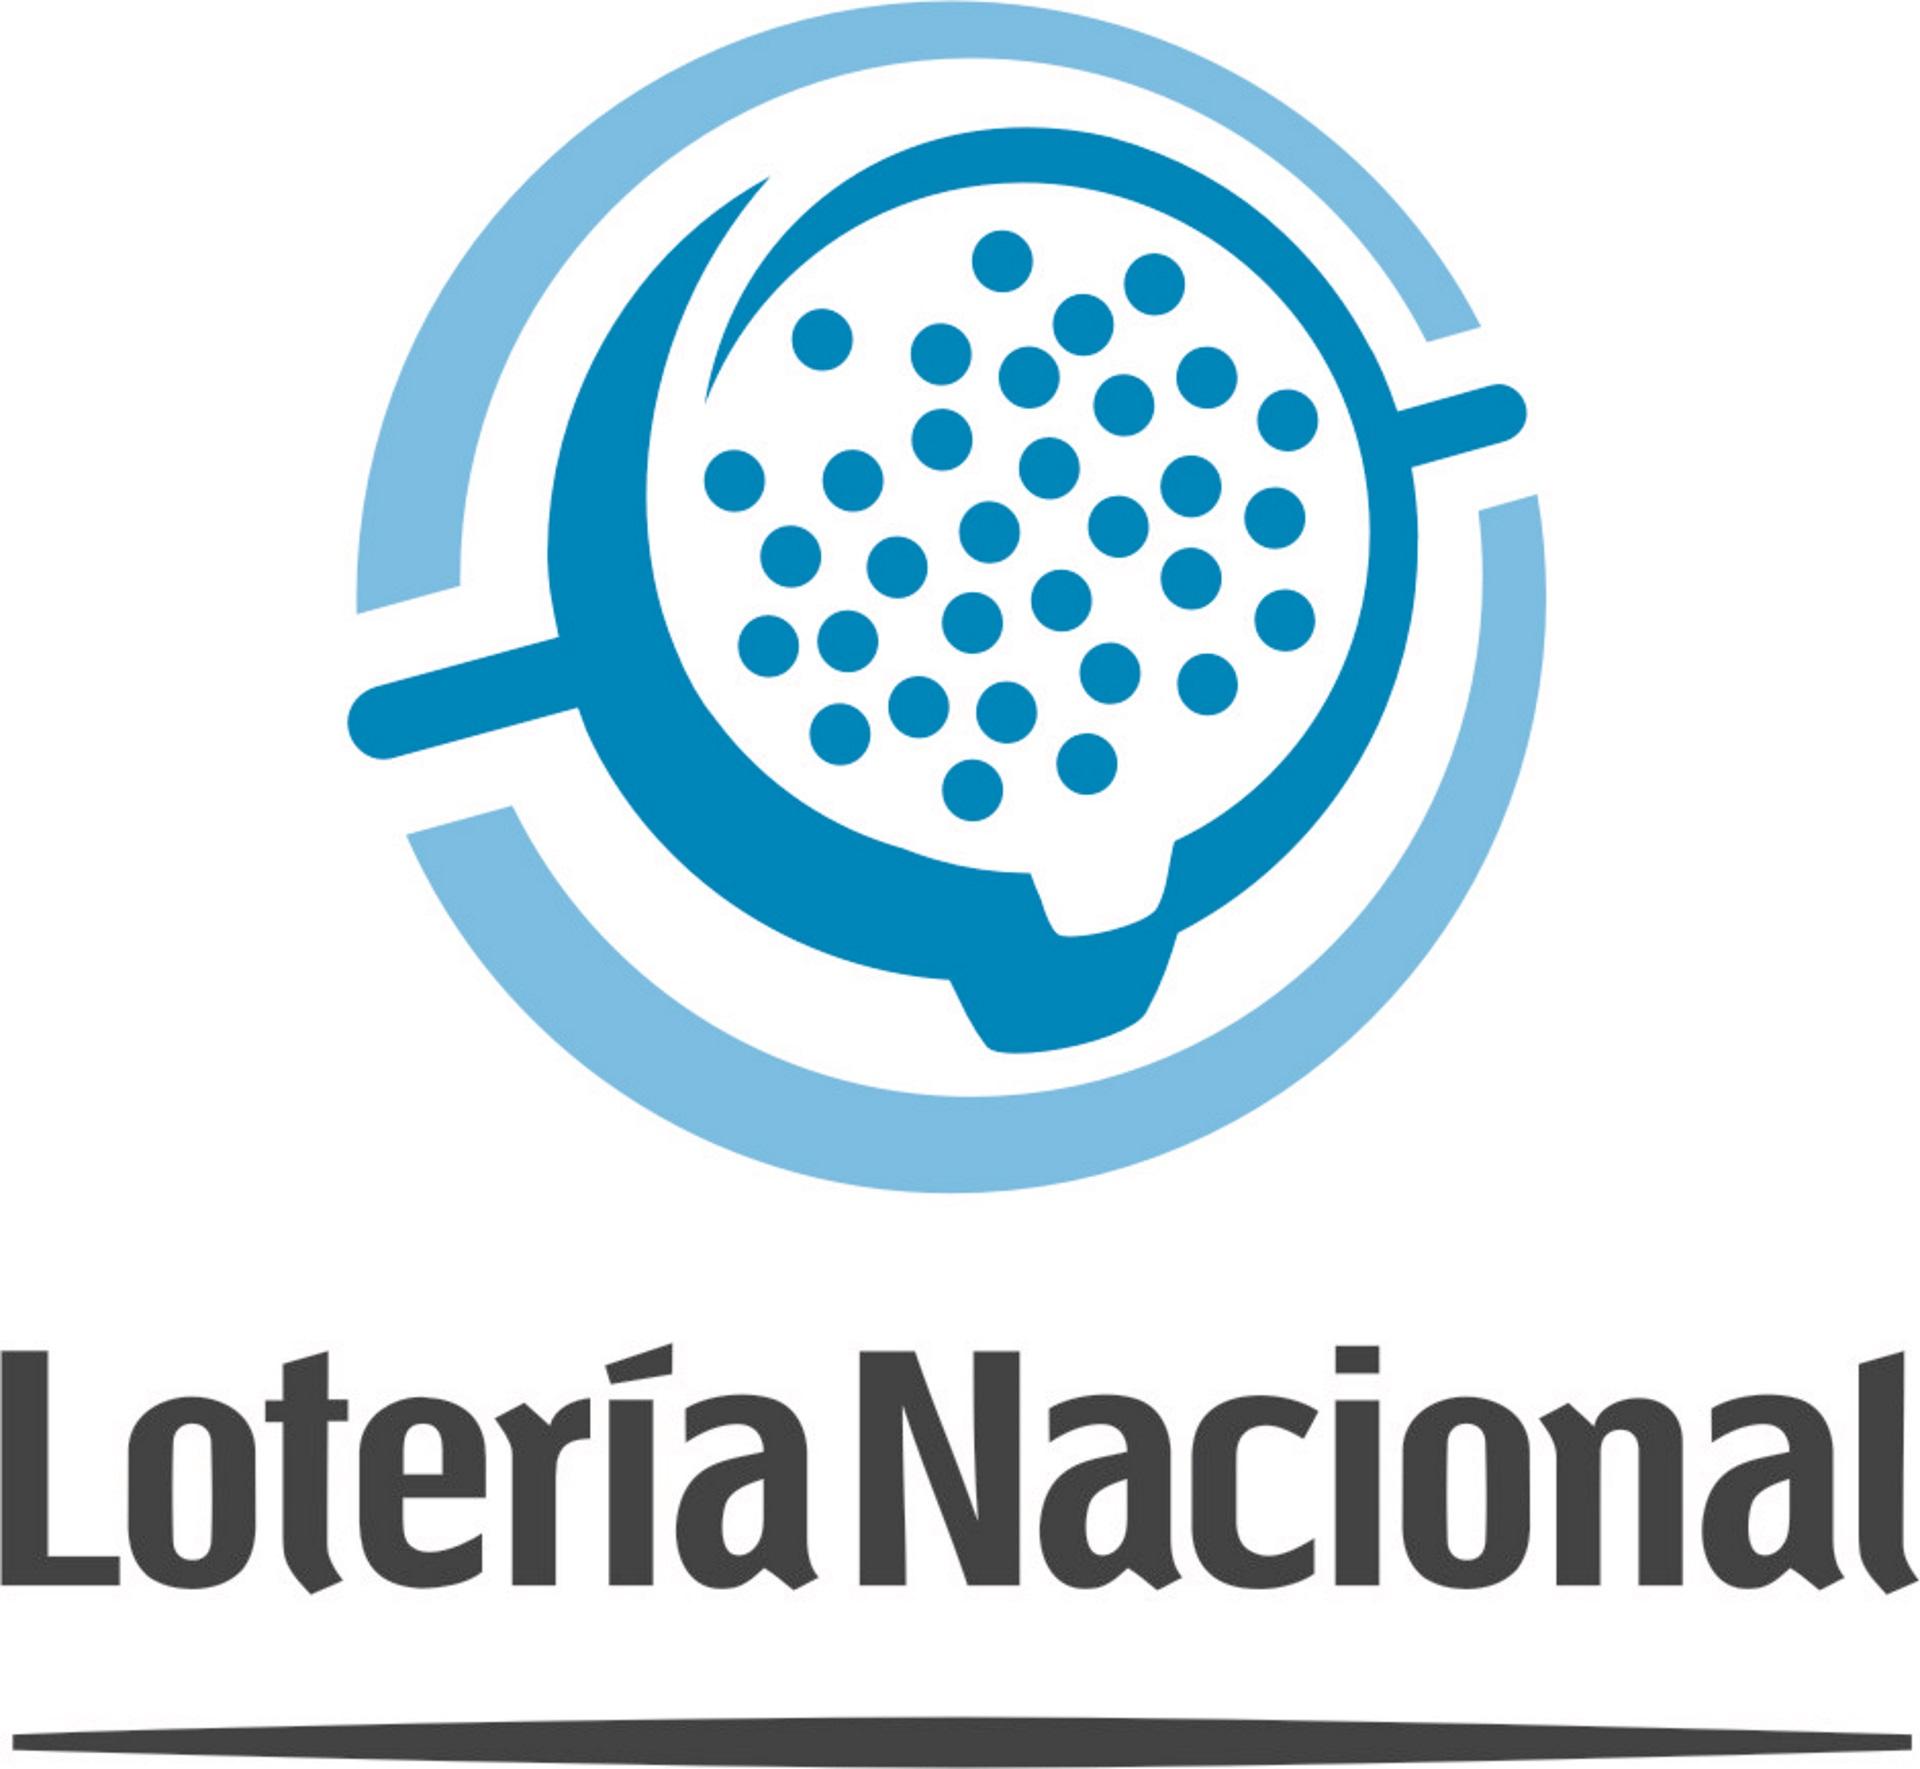 El estado decretó la liquidación de la Lotería Nacional Sociedad del Estado